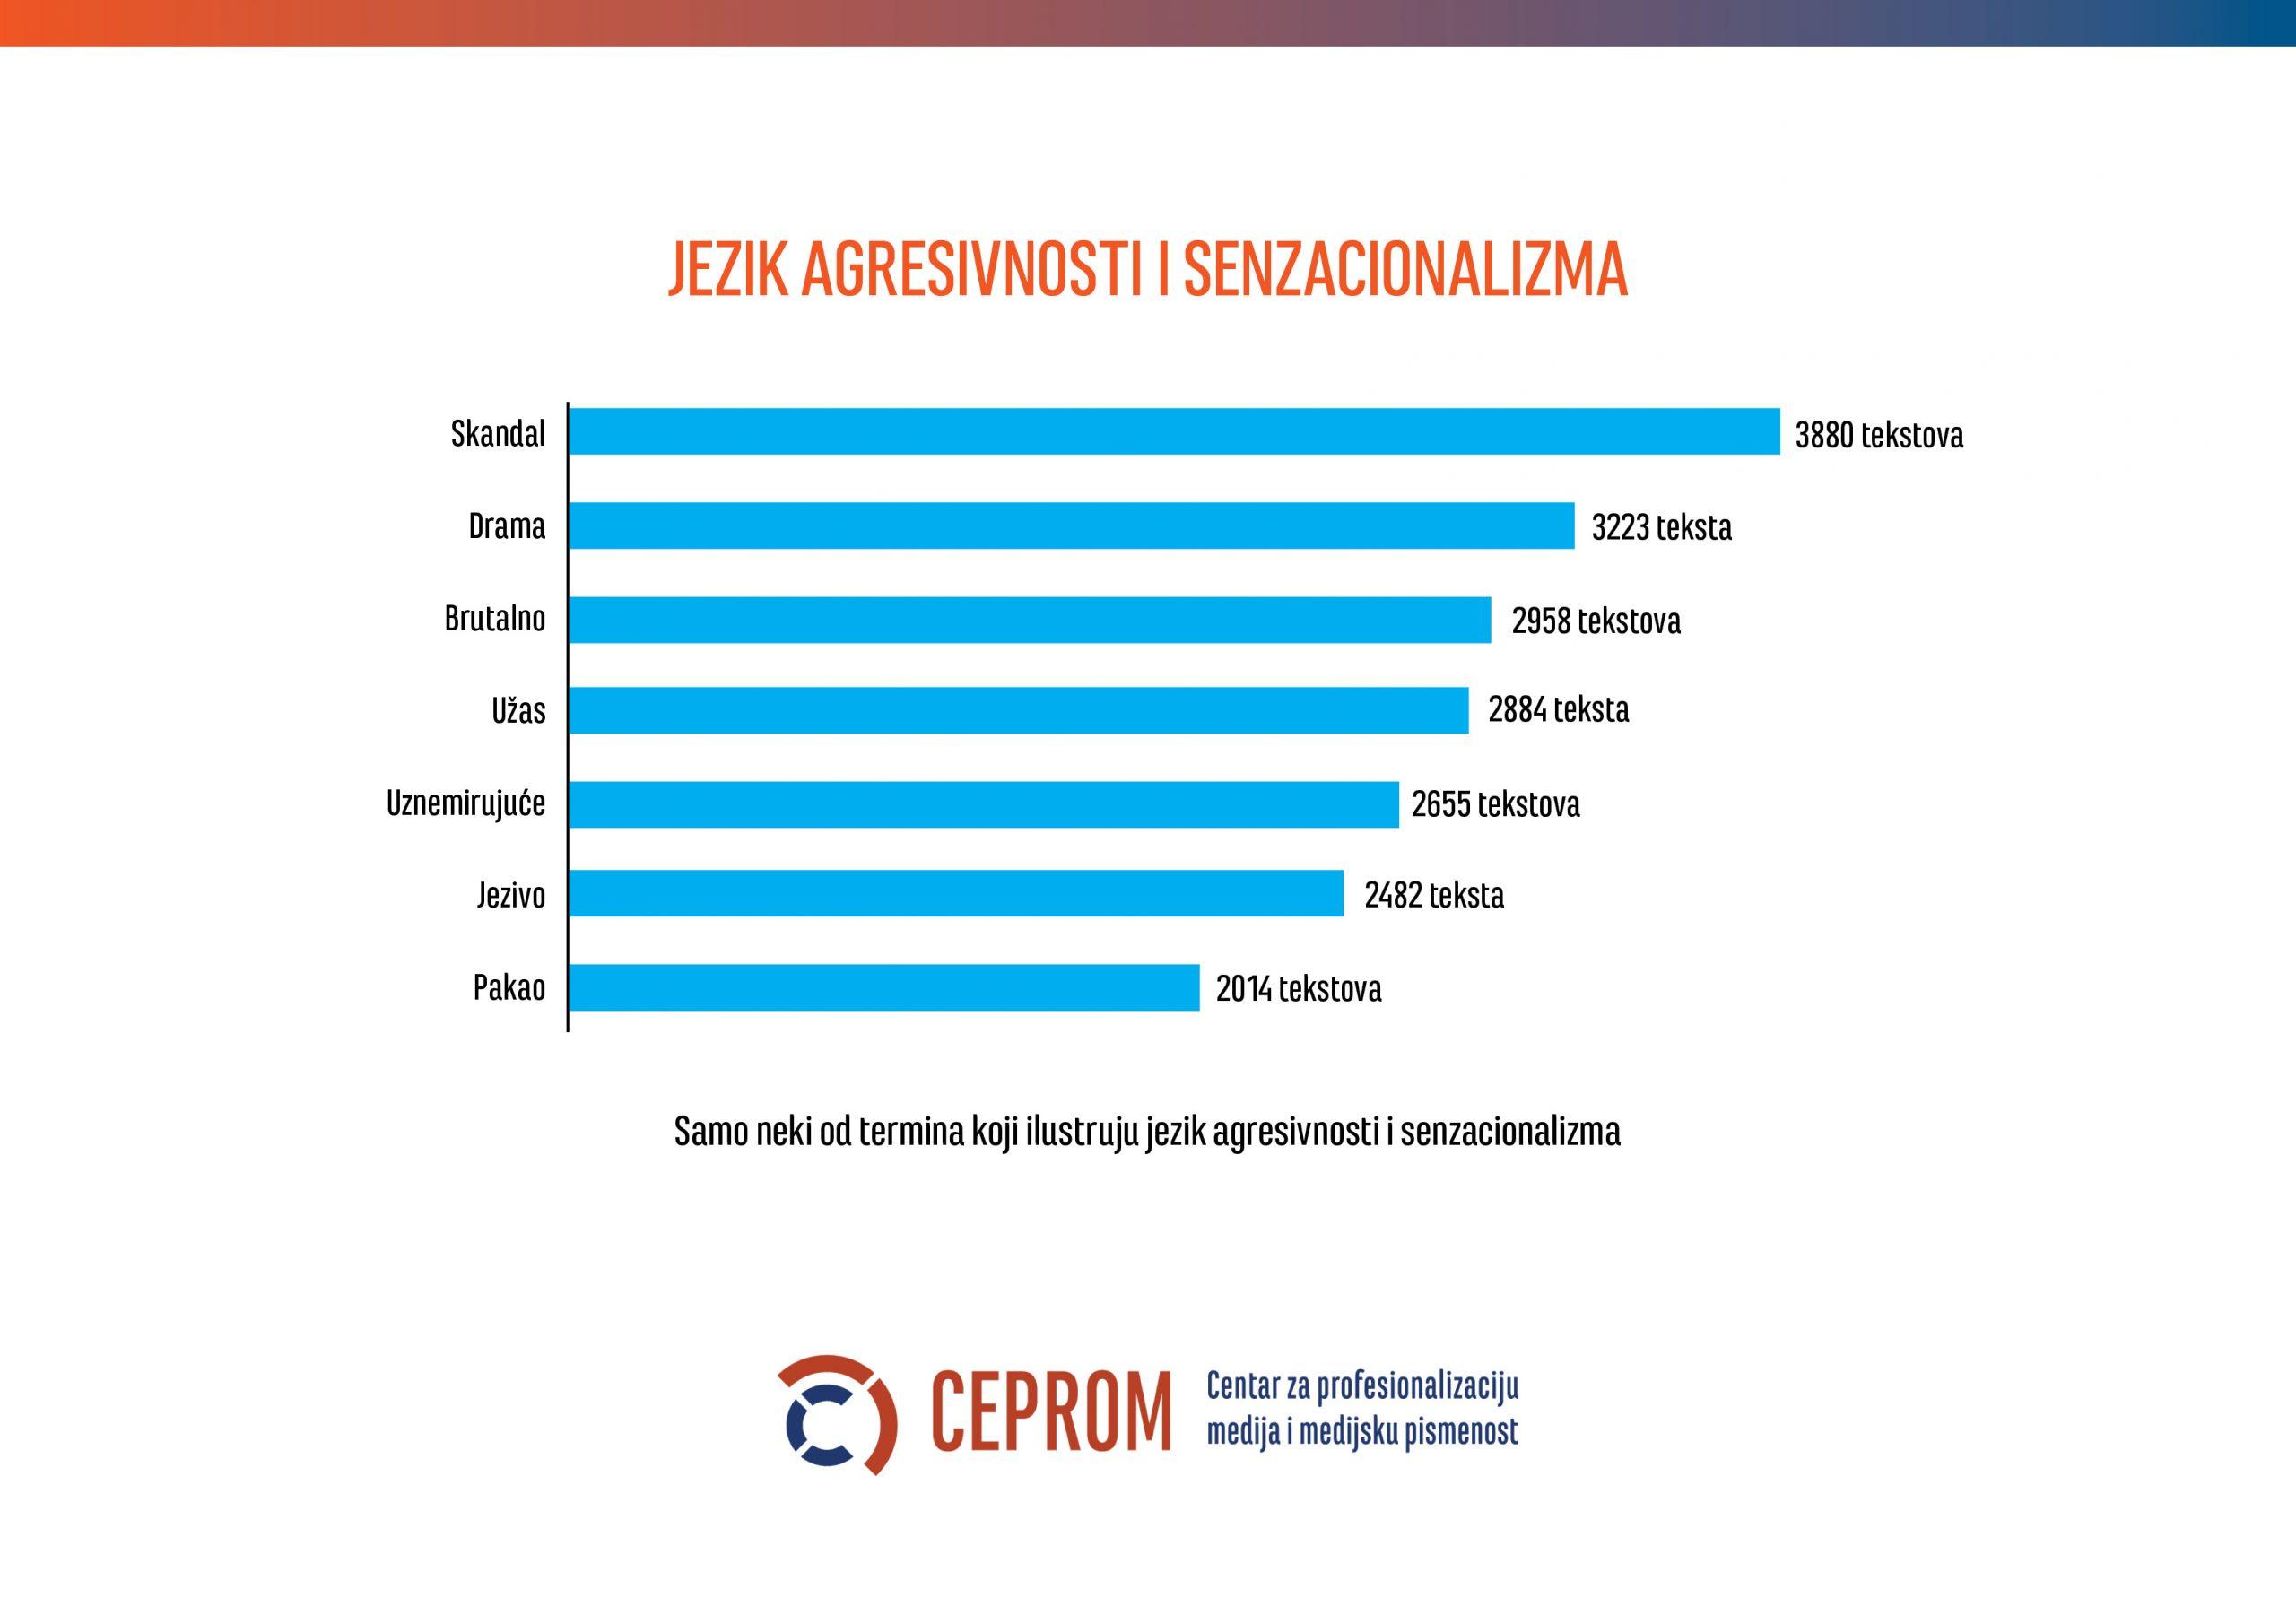 Medijska realnost Srbije: Agresivnost, senzacionalizam i mržnja 3